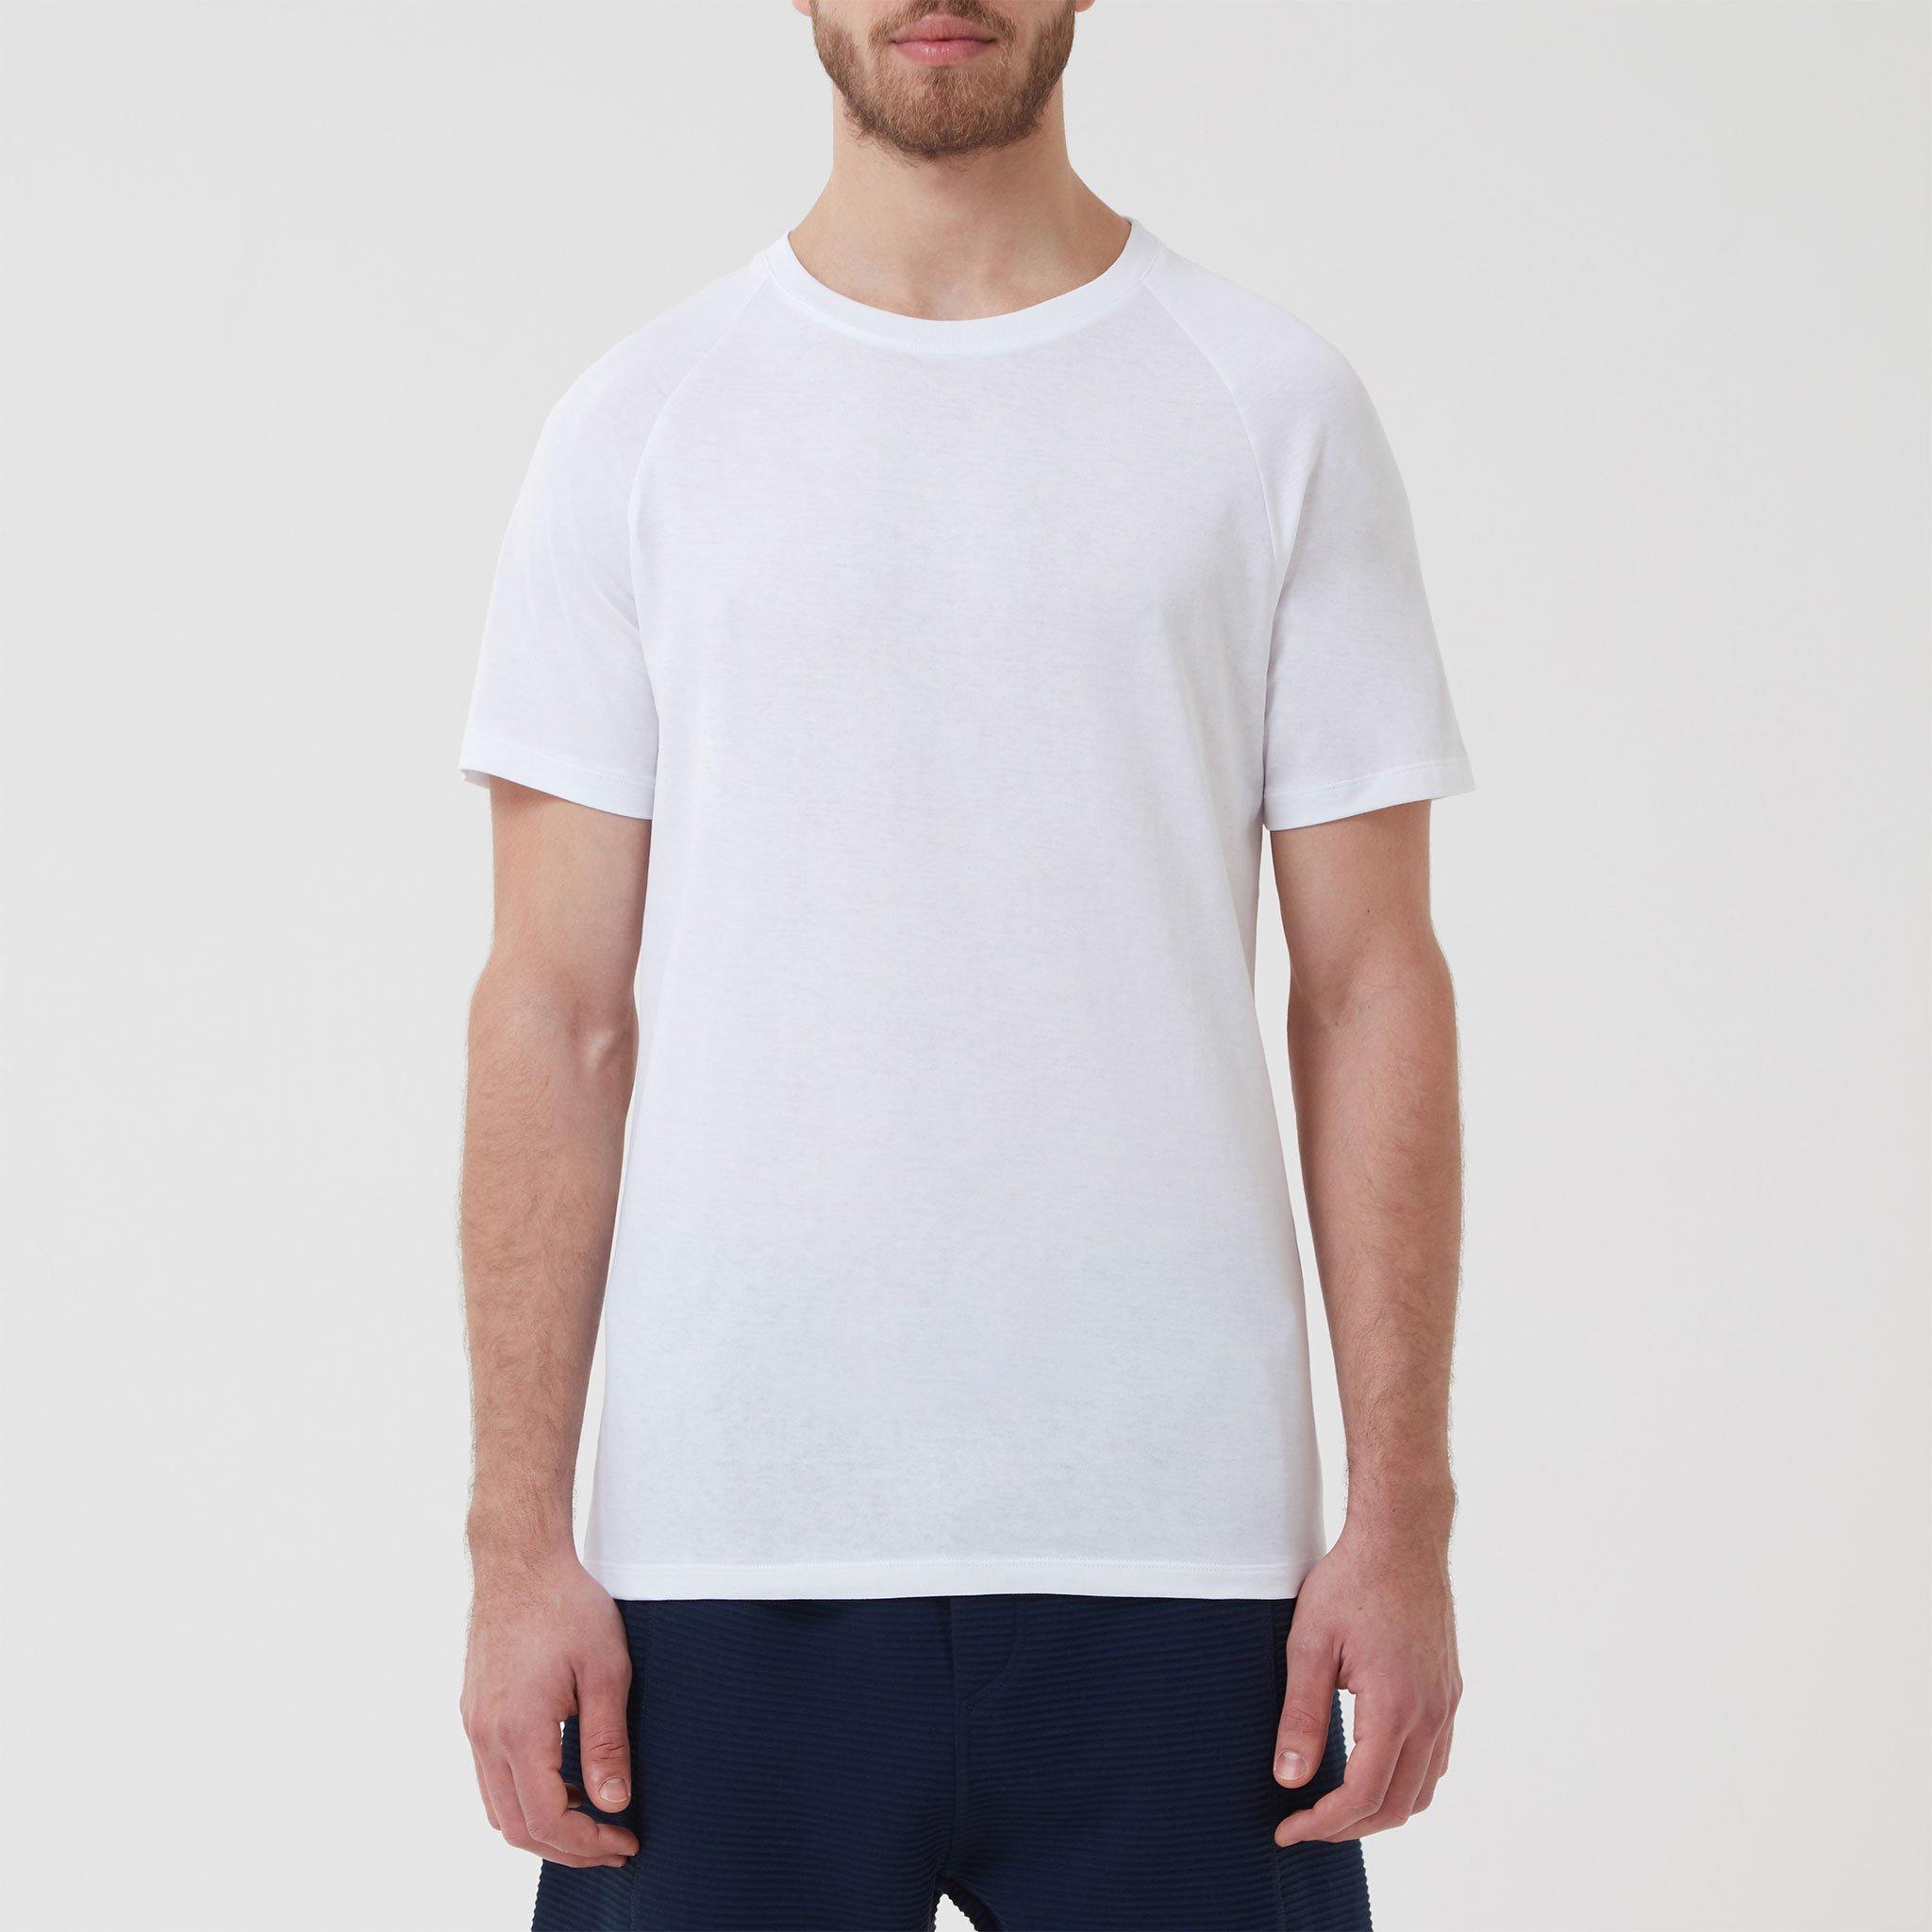 Relax-Raglan-Tee-White-Model_01.jpg